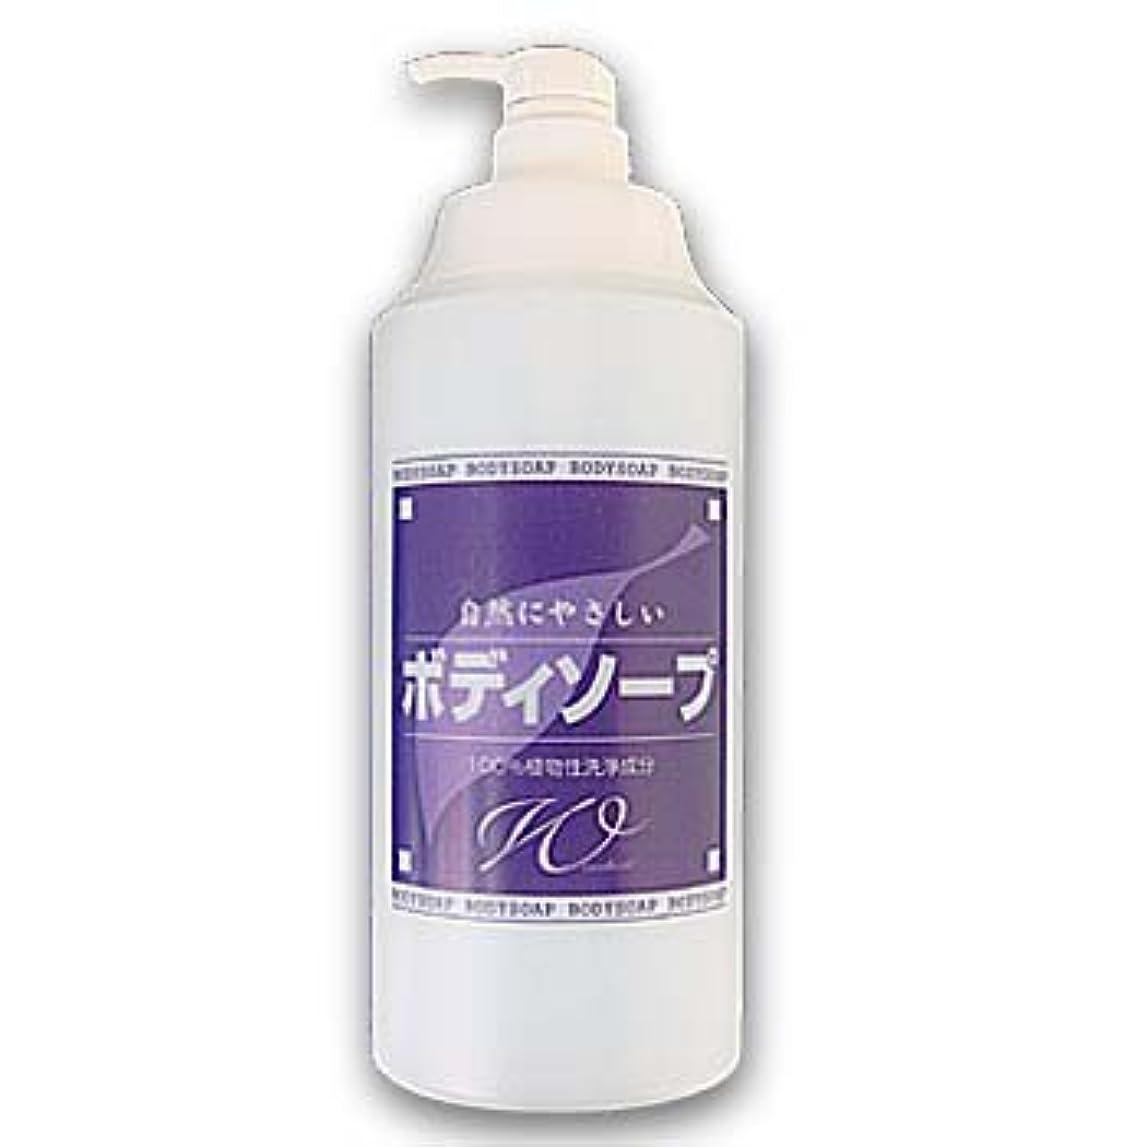 媒染剤お酢幻影Windhill ボディソープ1300ml 詰替え容器